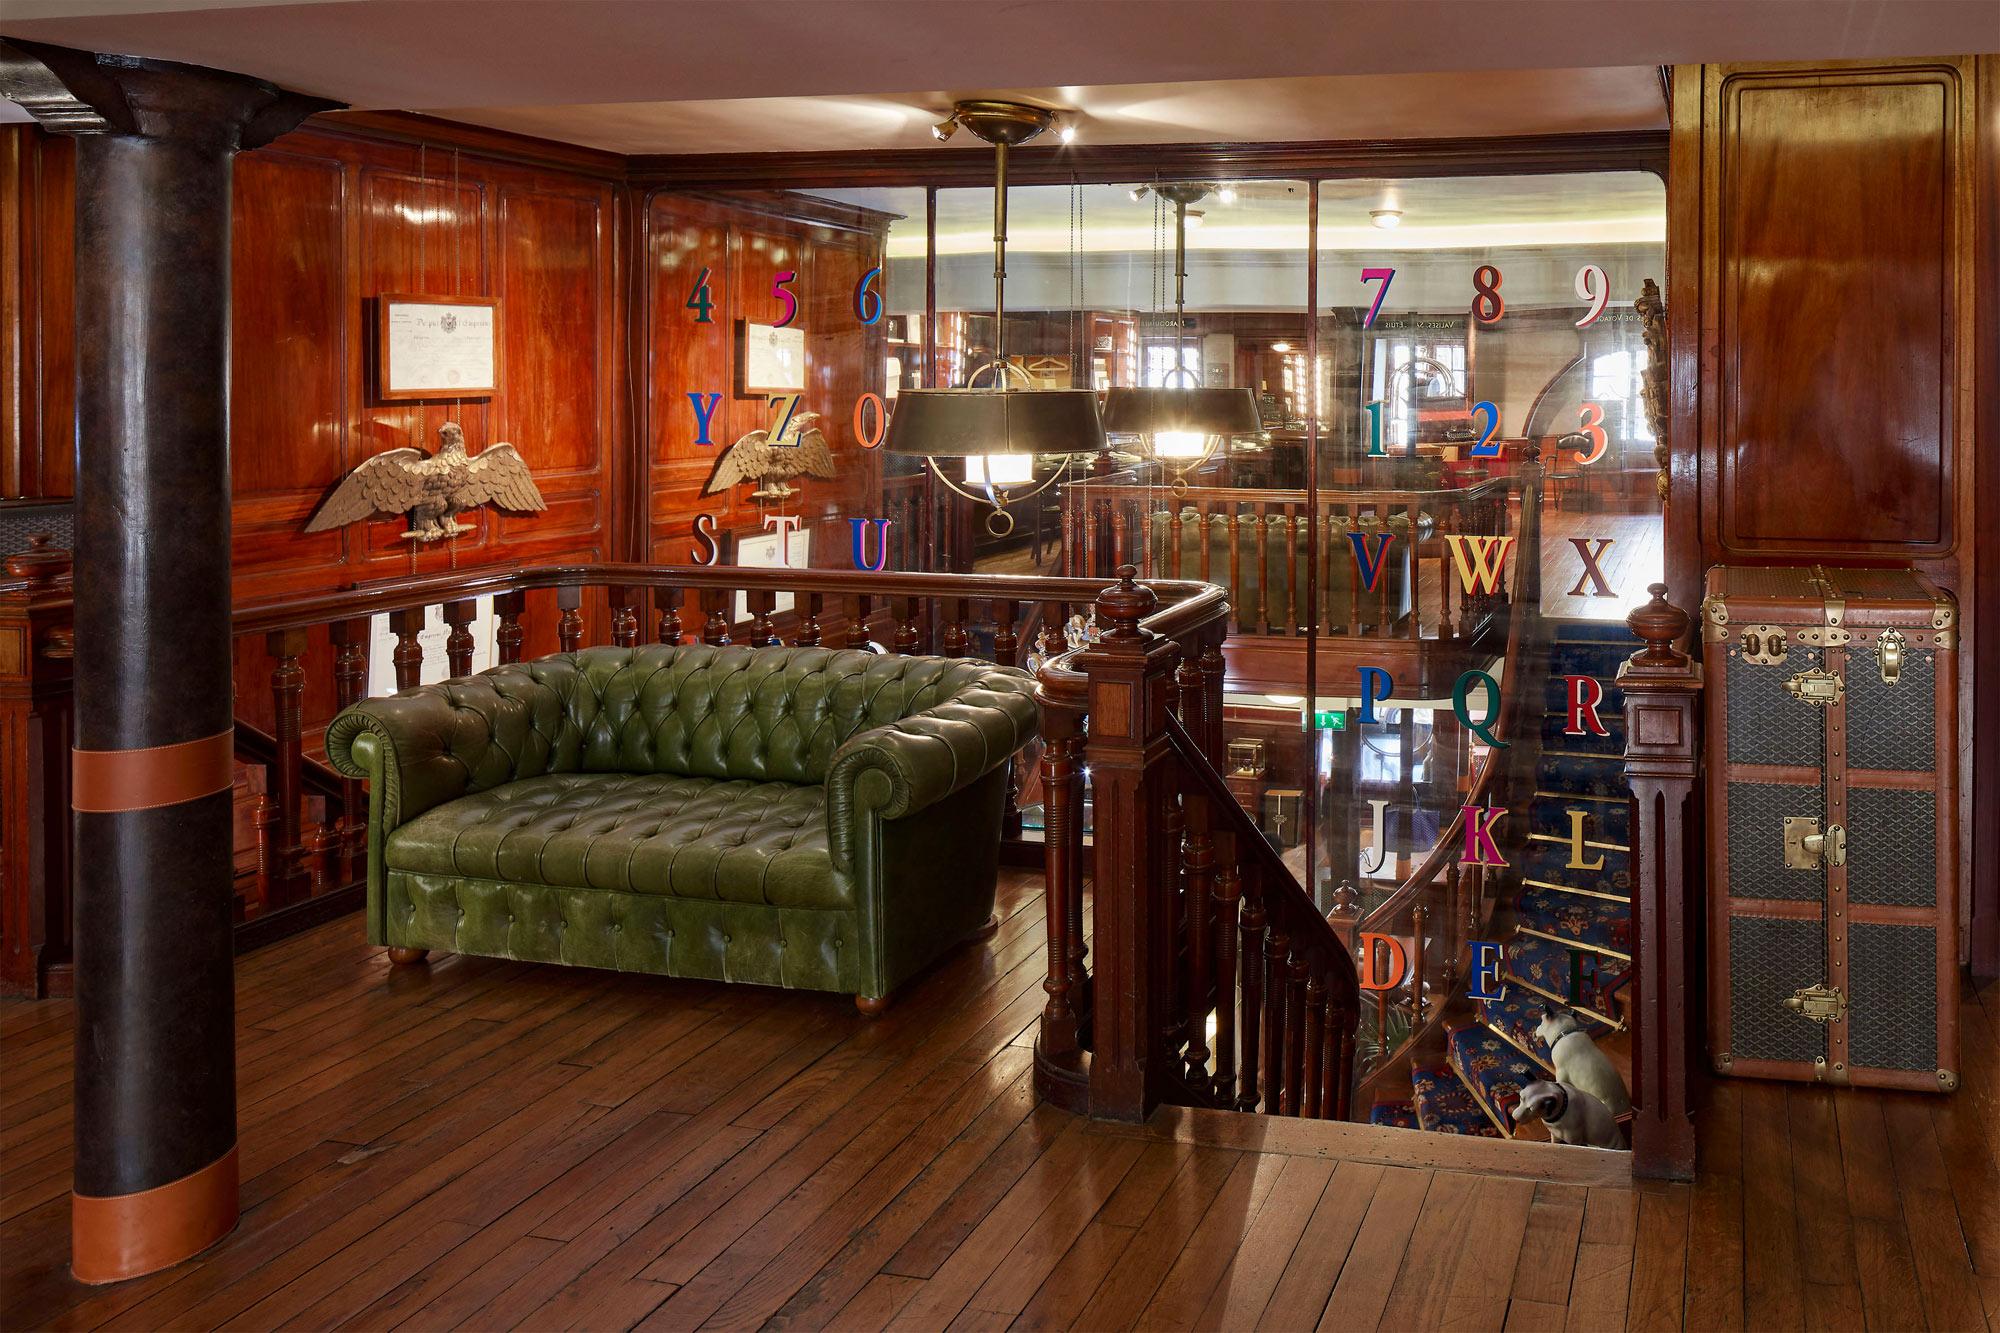 Maison Goyard - Boutique parisienne | Etage | Paris, Fr